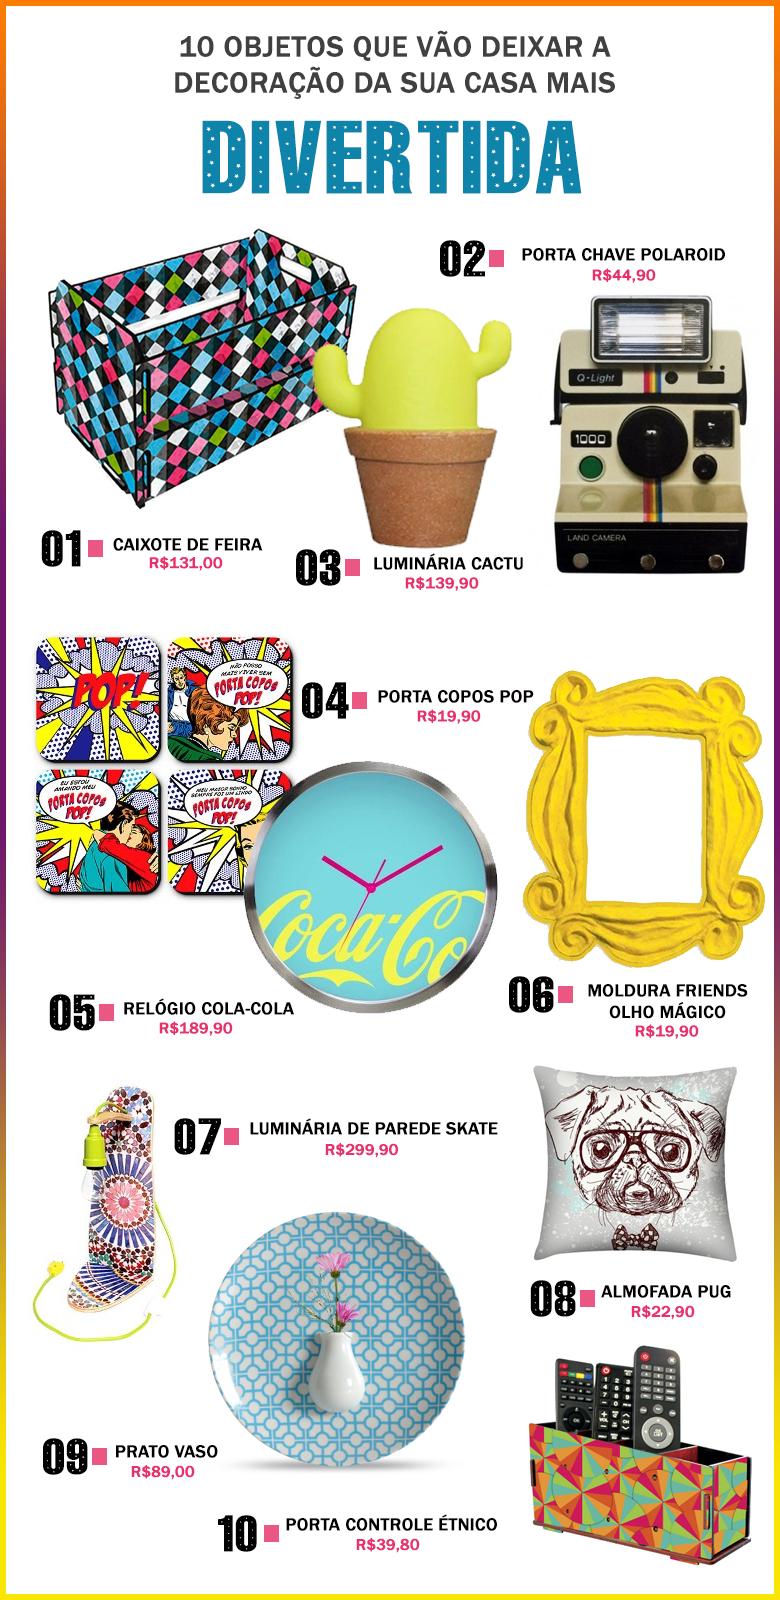 10 objetos que vão deixar a decoração da sua casa mais divertida